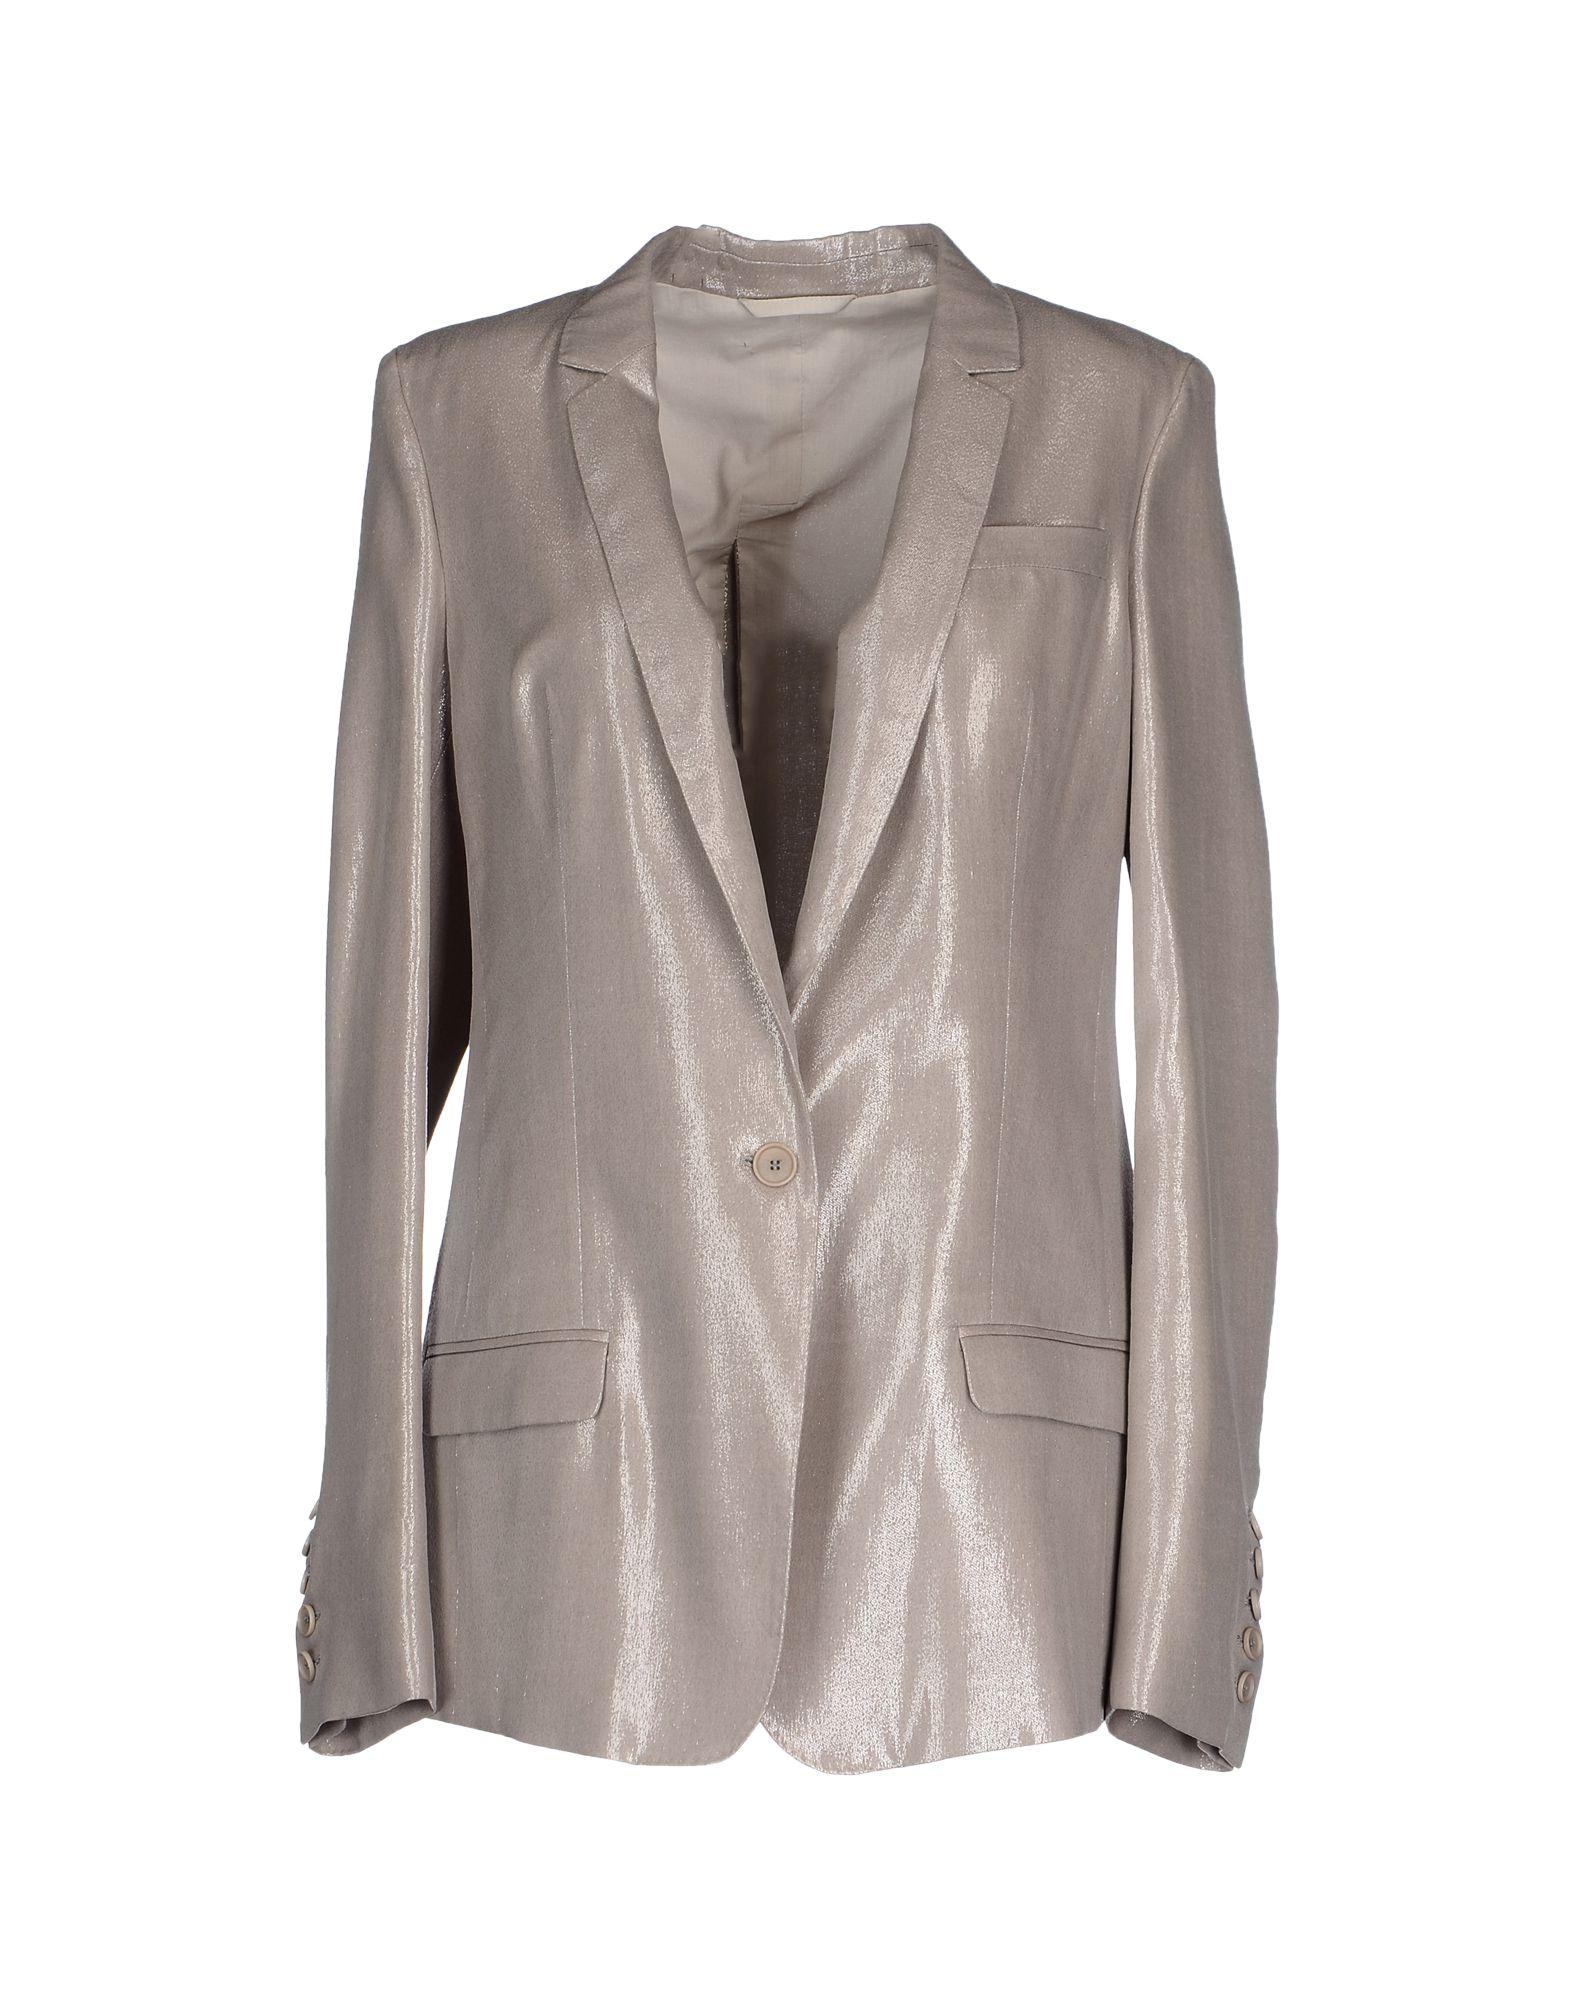 RING Blazer in Dove Grey